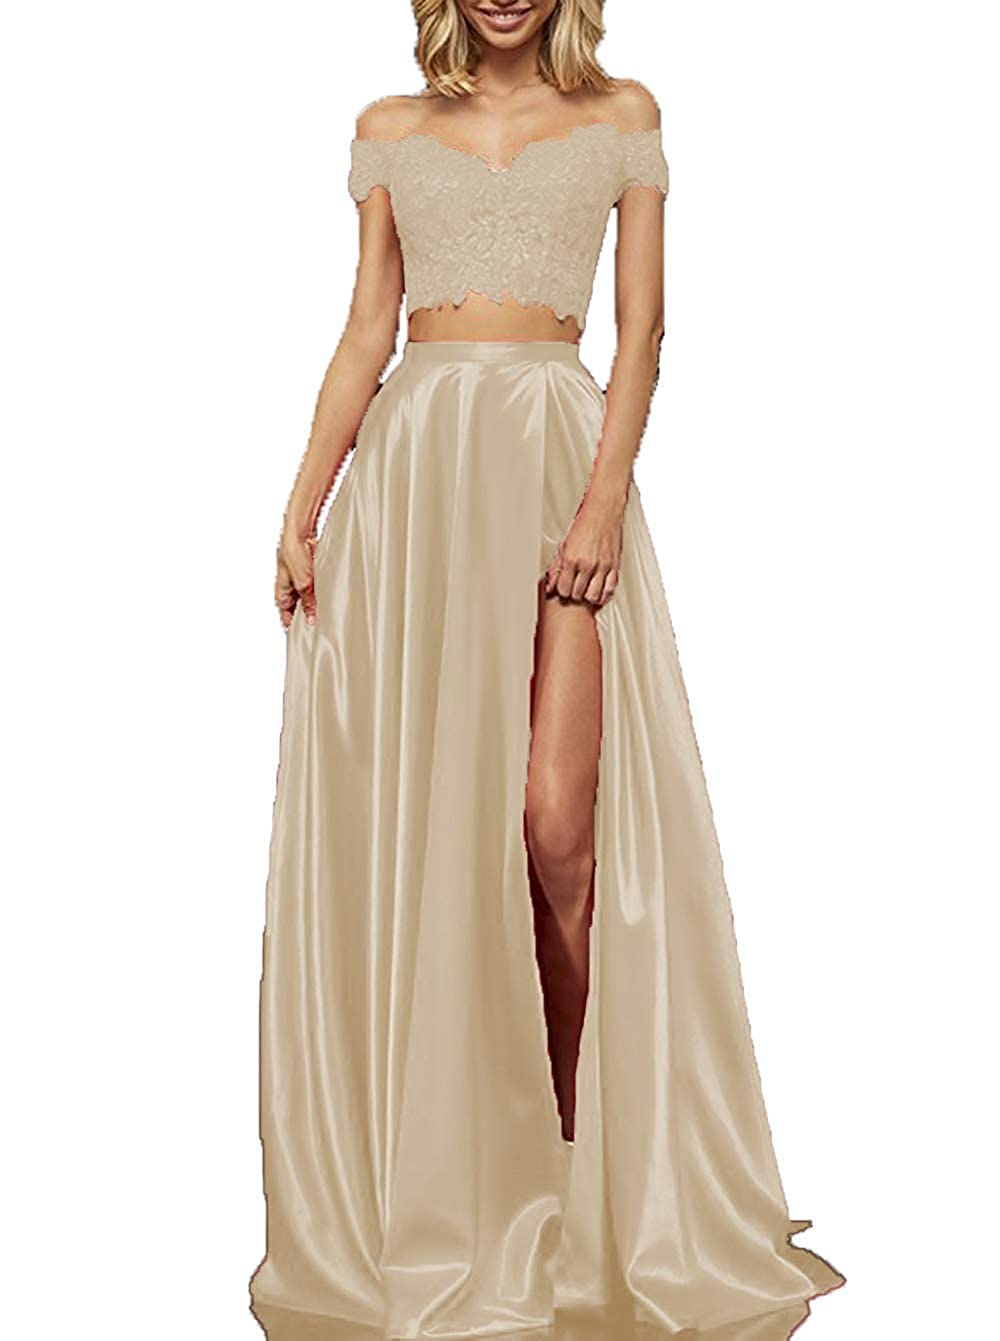 Champagne tutu.vivi Women's 2 Pieces Long Lace Satin Prom Dresses Off The Shoulder Party Evening Gown